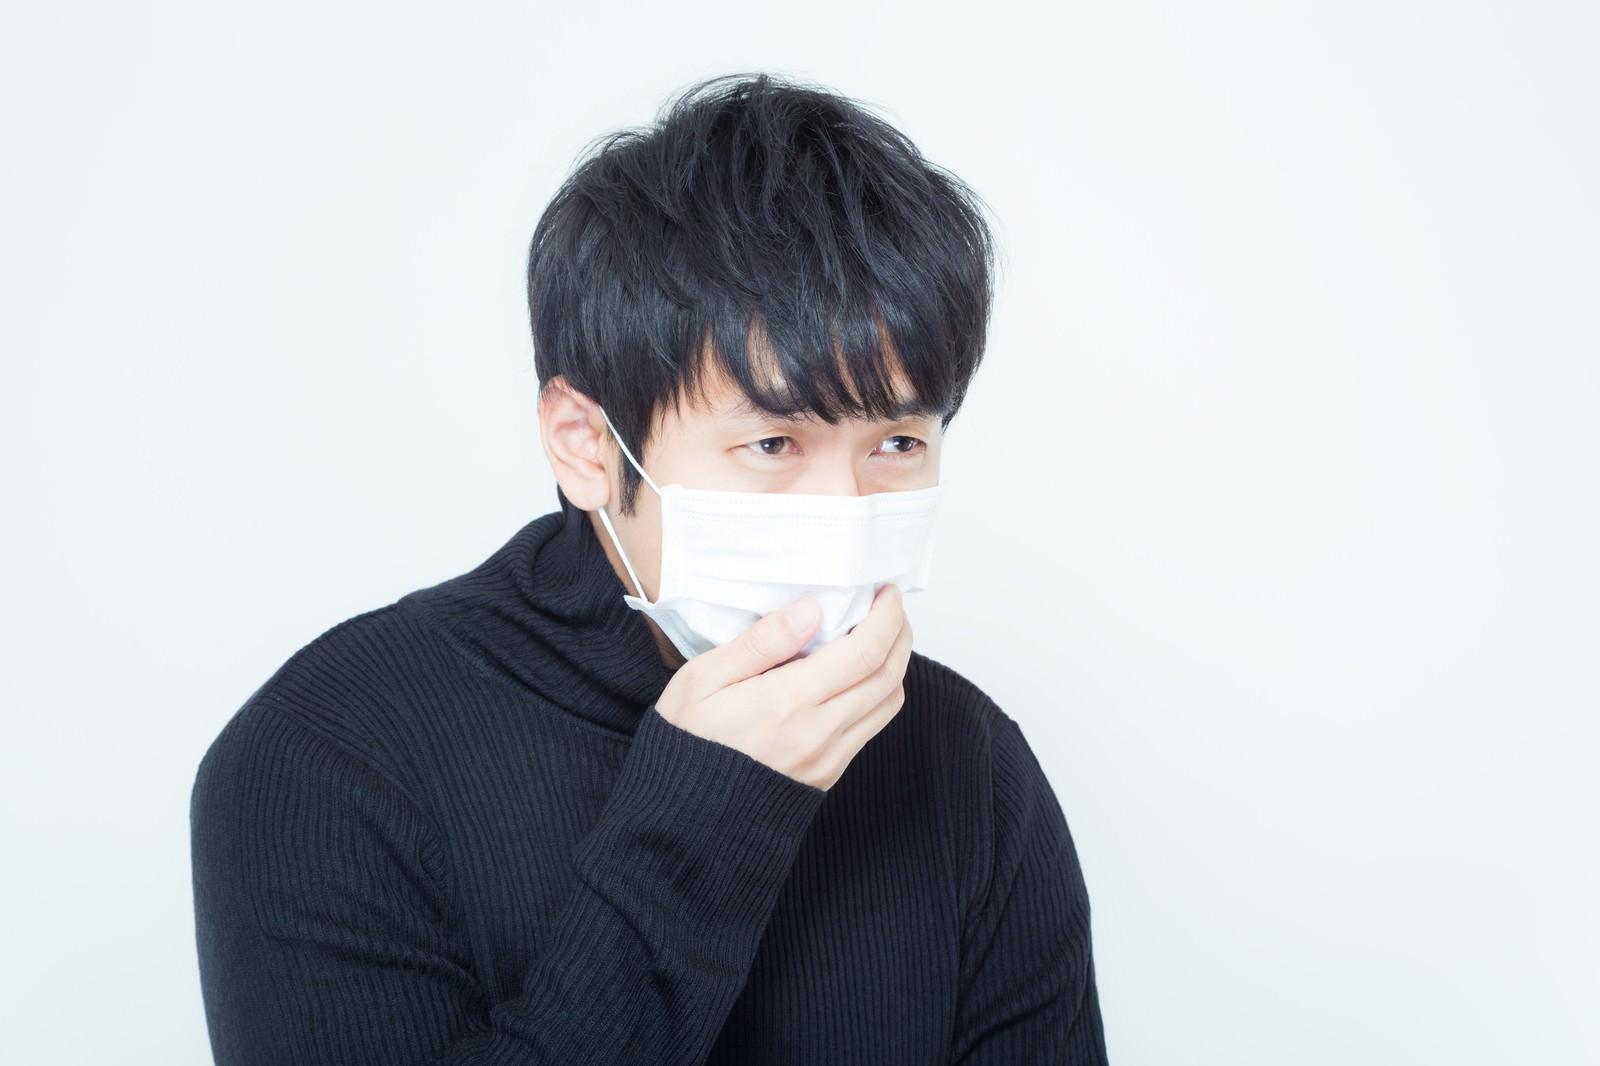 「剃り残した髭をマスクで隠す低血圧系男子」の写真[モデル:大川竜弥]